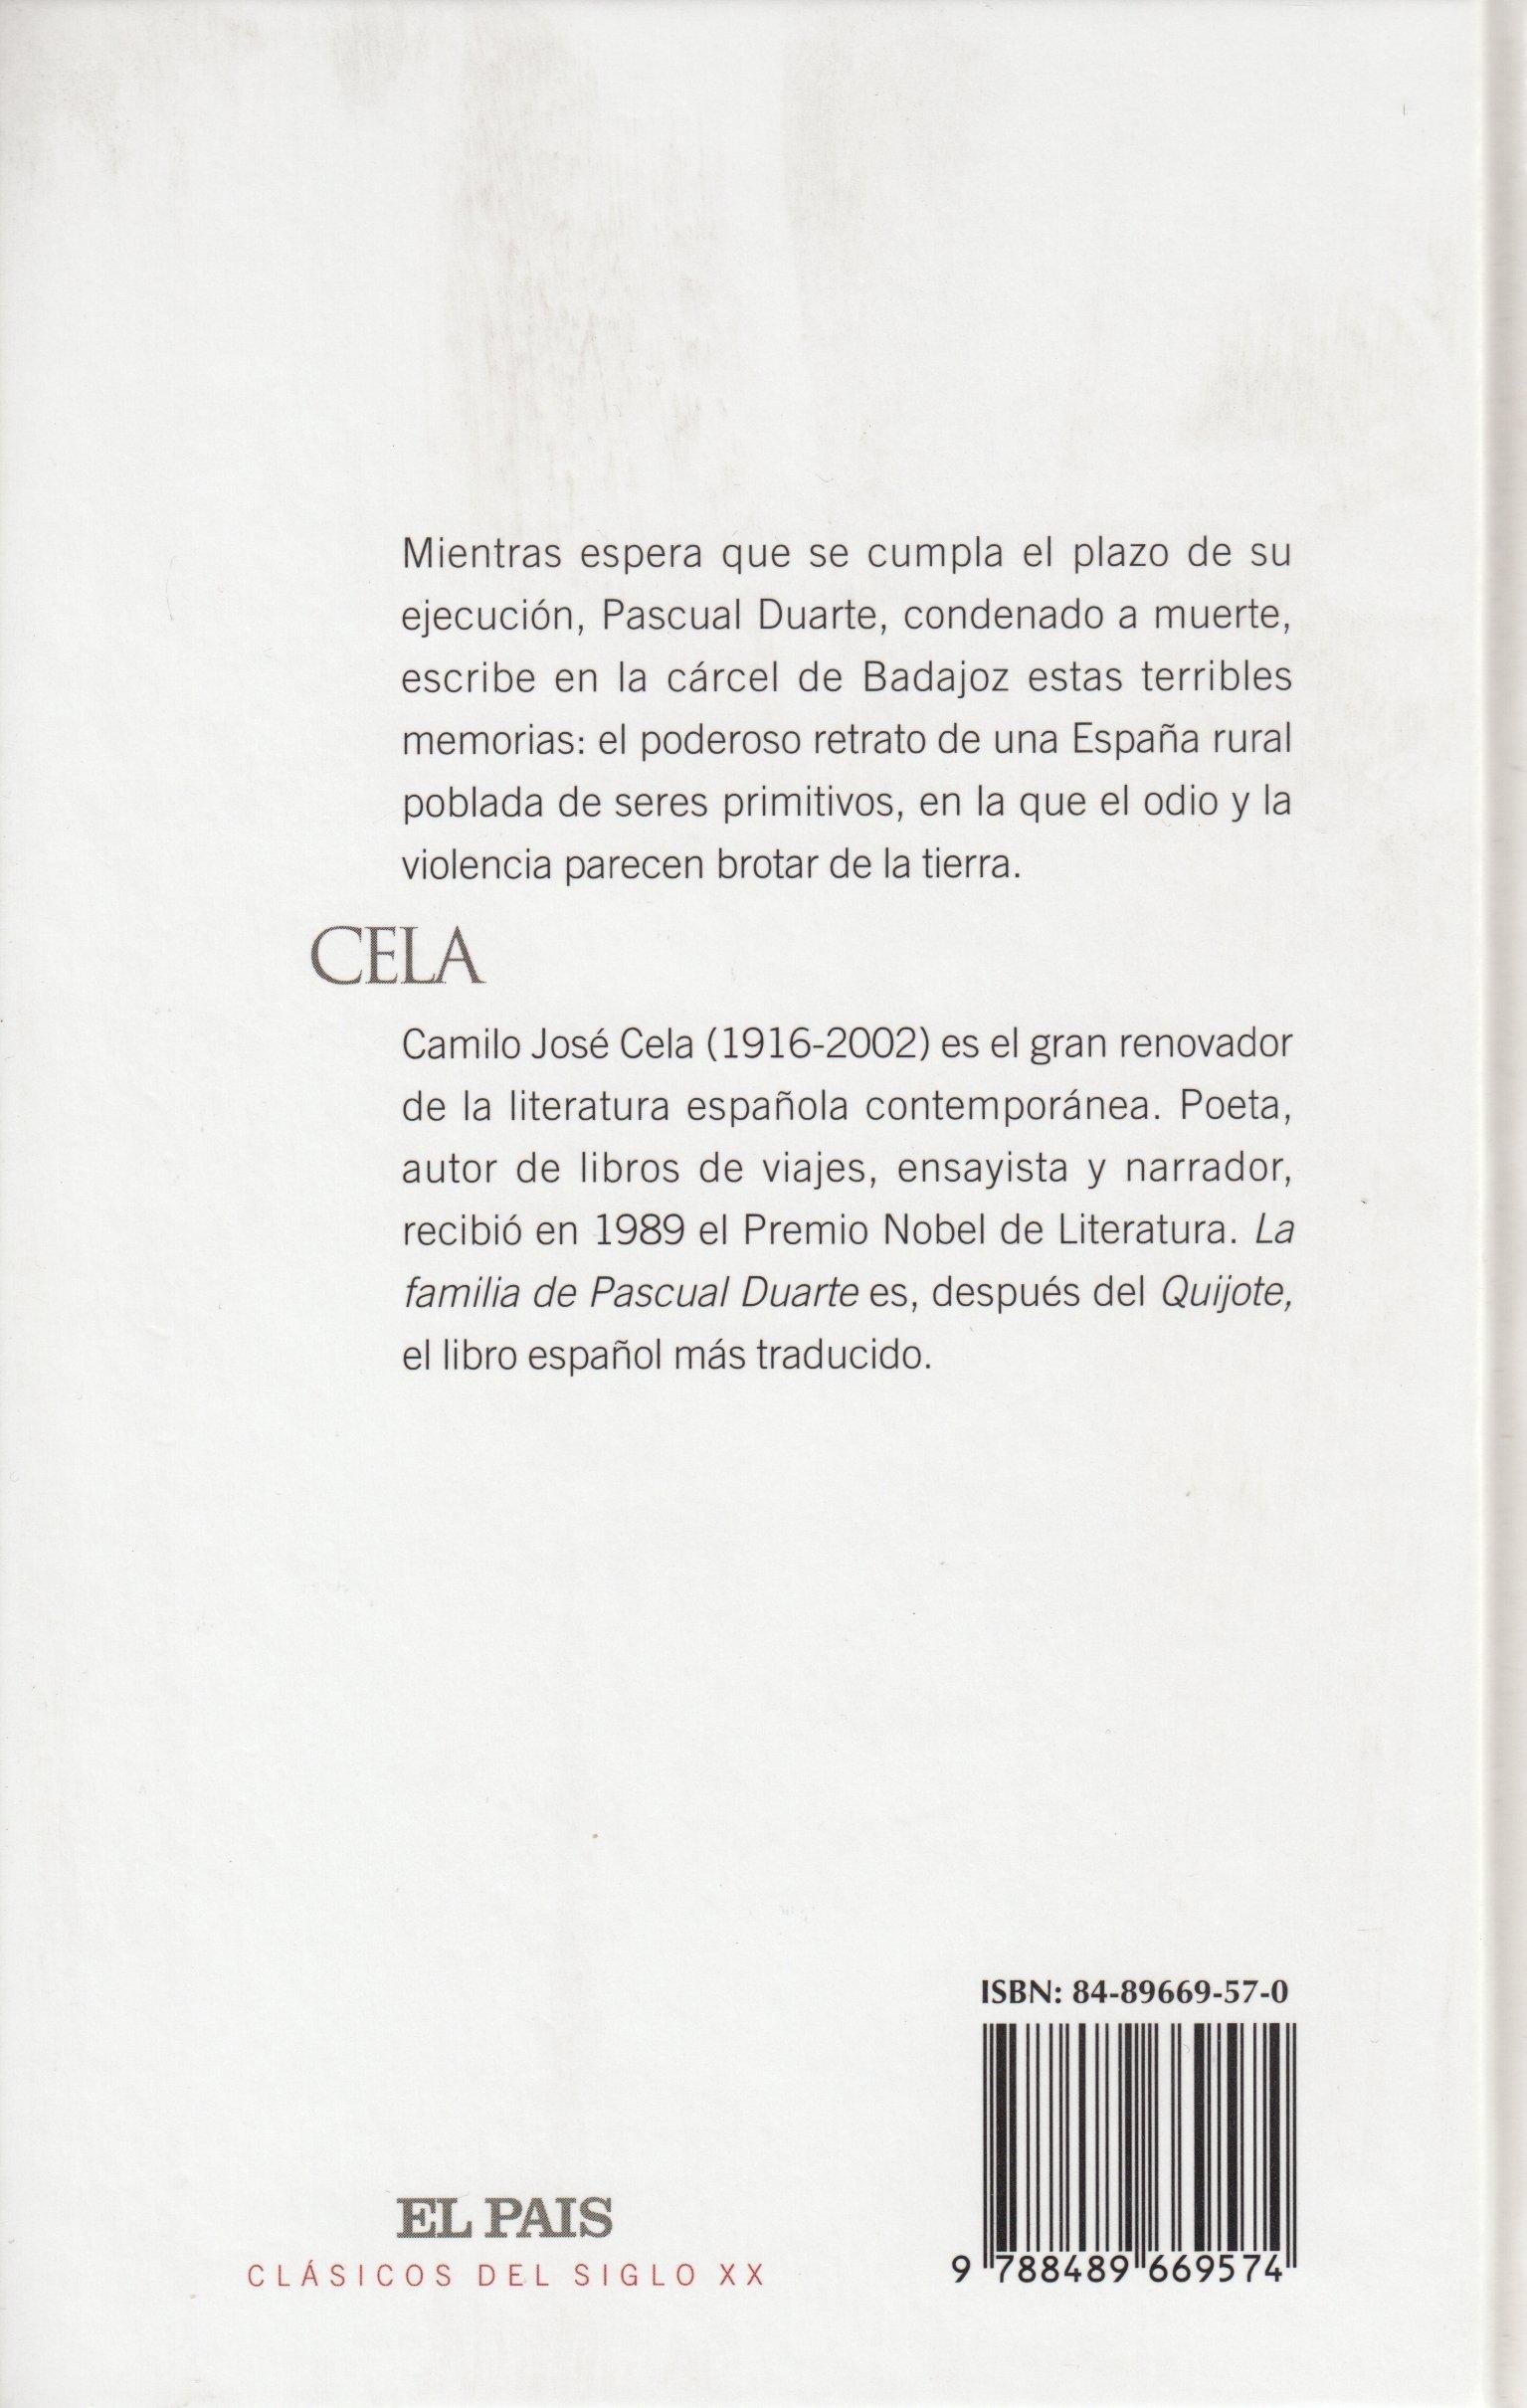 LA FAMILIA DE PASCUAL DUARTE: Amazon.es: Camilo José Cela: Libros